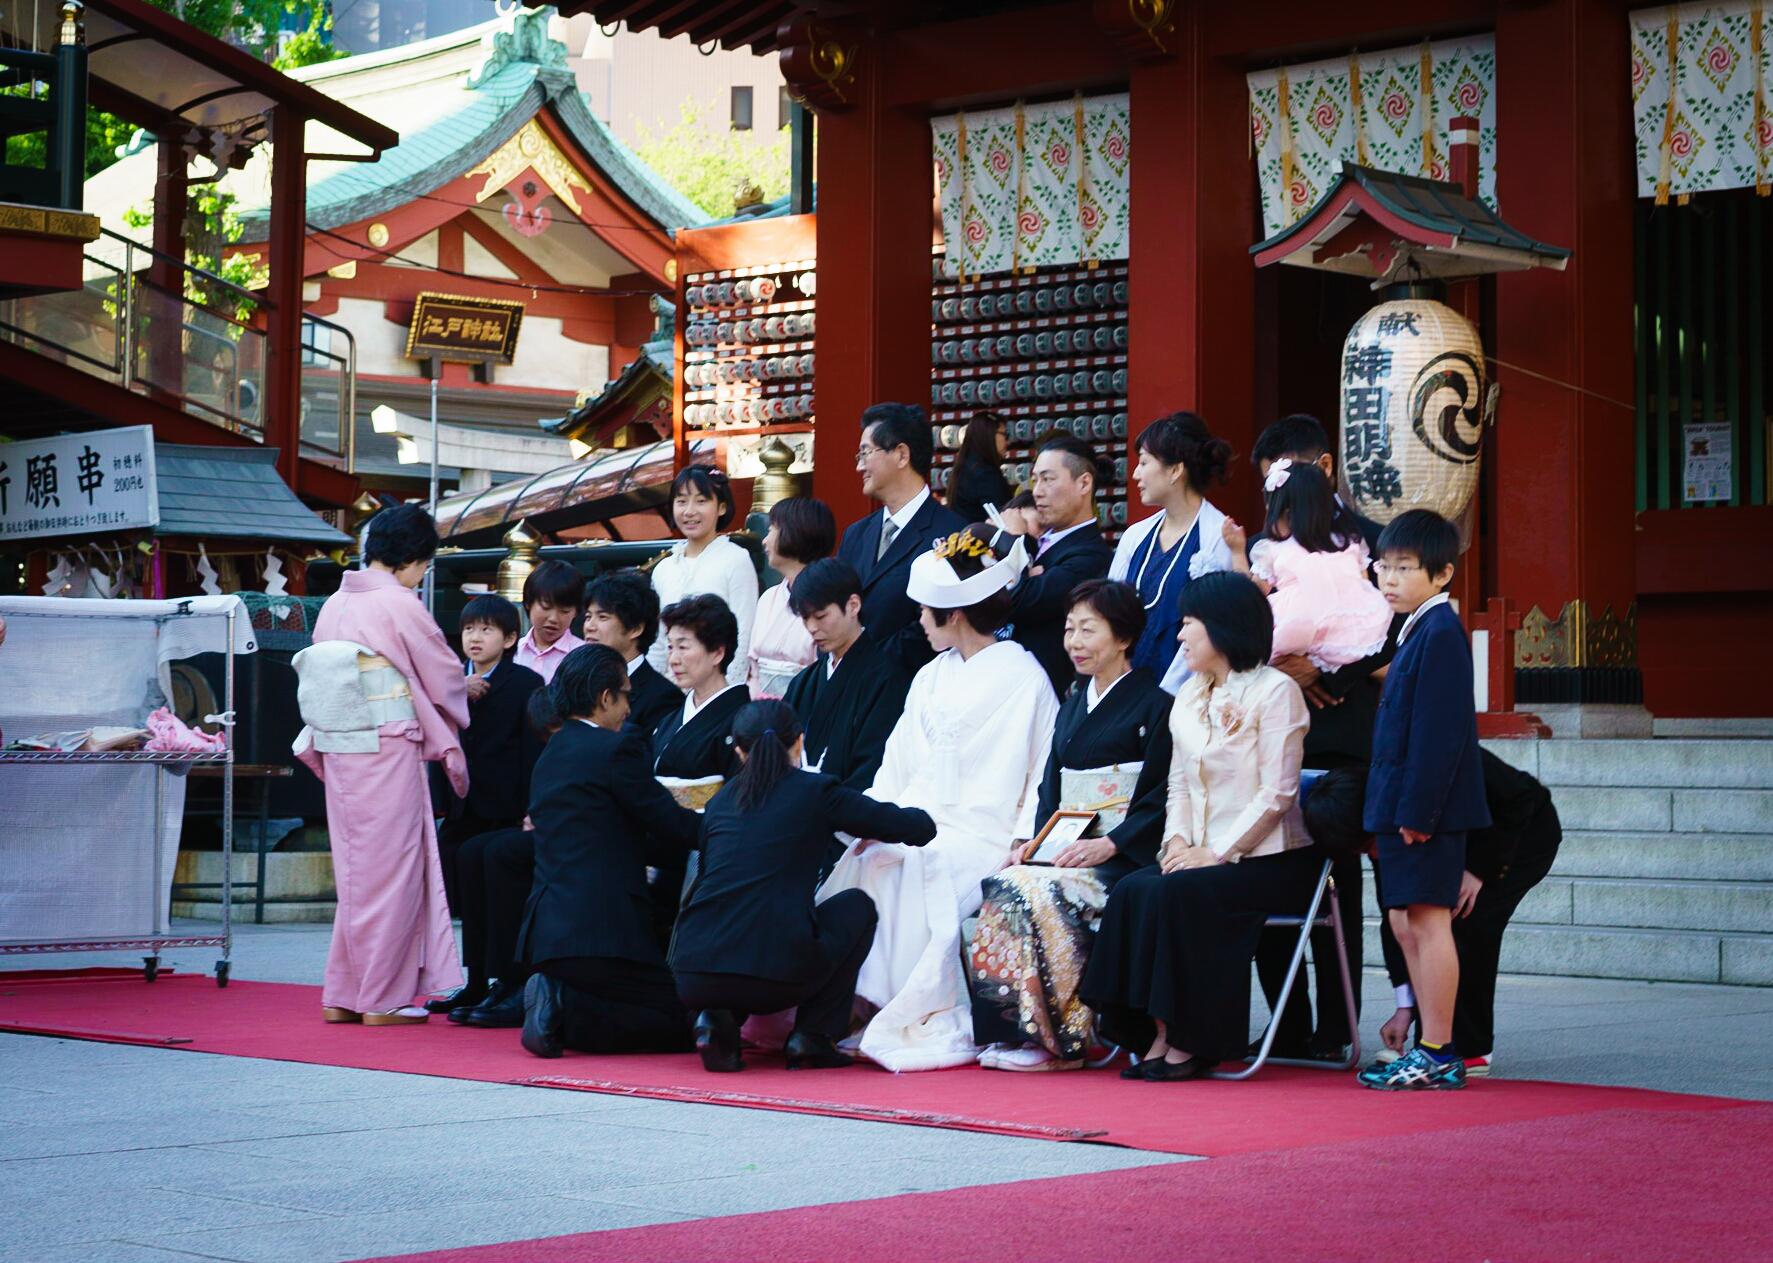 Mariage au sanctuaire de Kanda Myojin, Tokyo